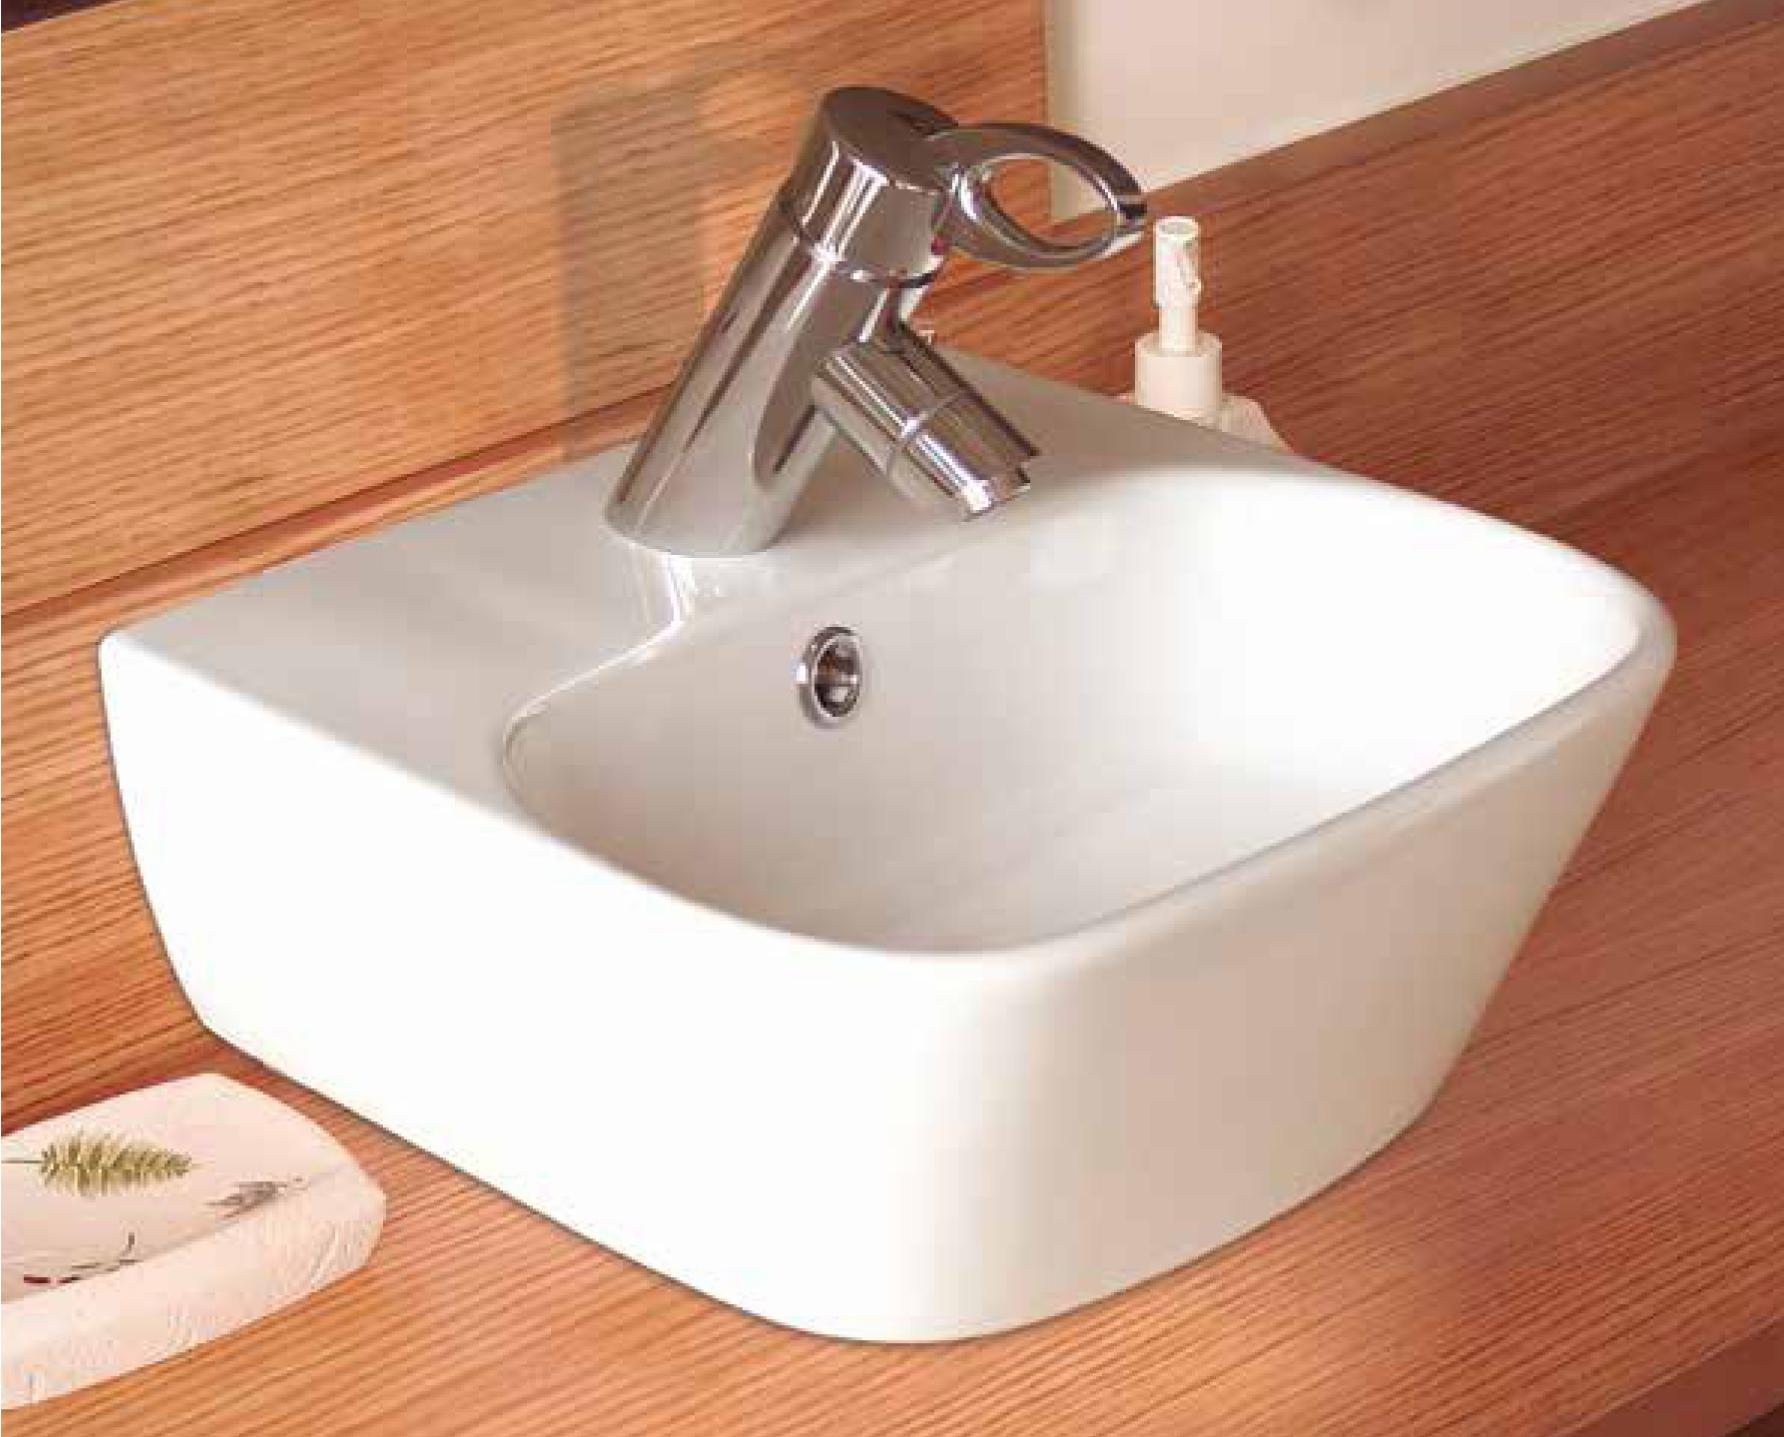 Aquatek D1 keramické umyvadlo 42,5x30x14,5 cm